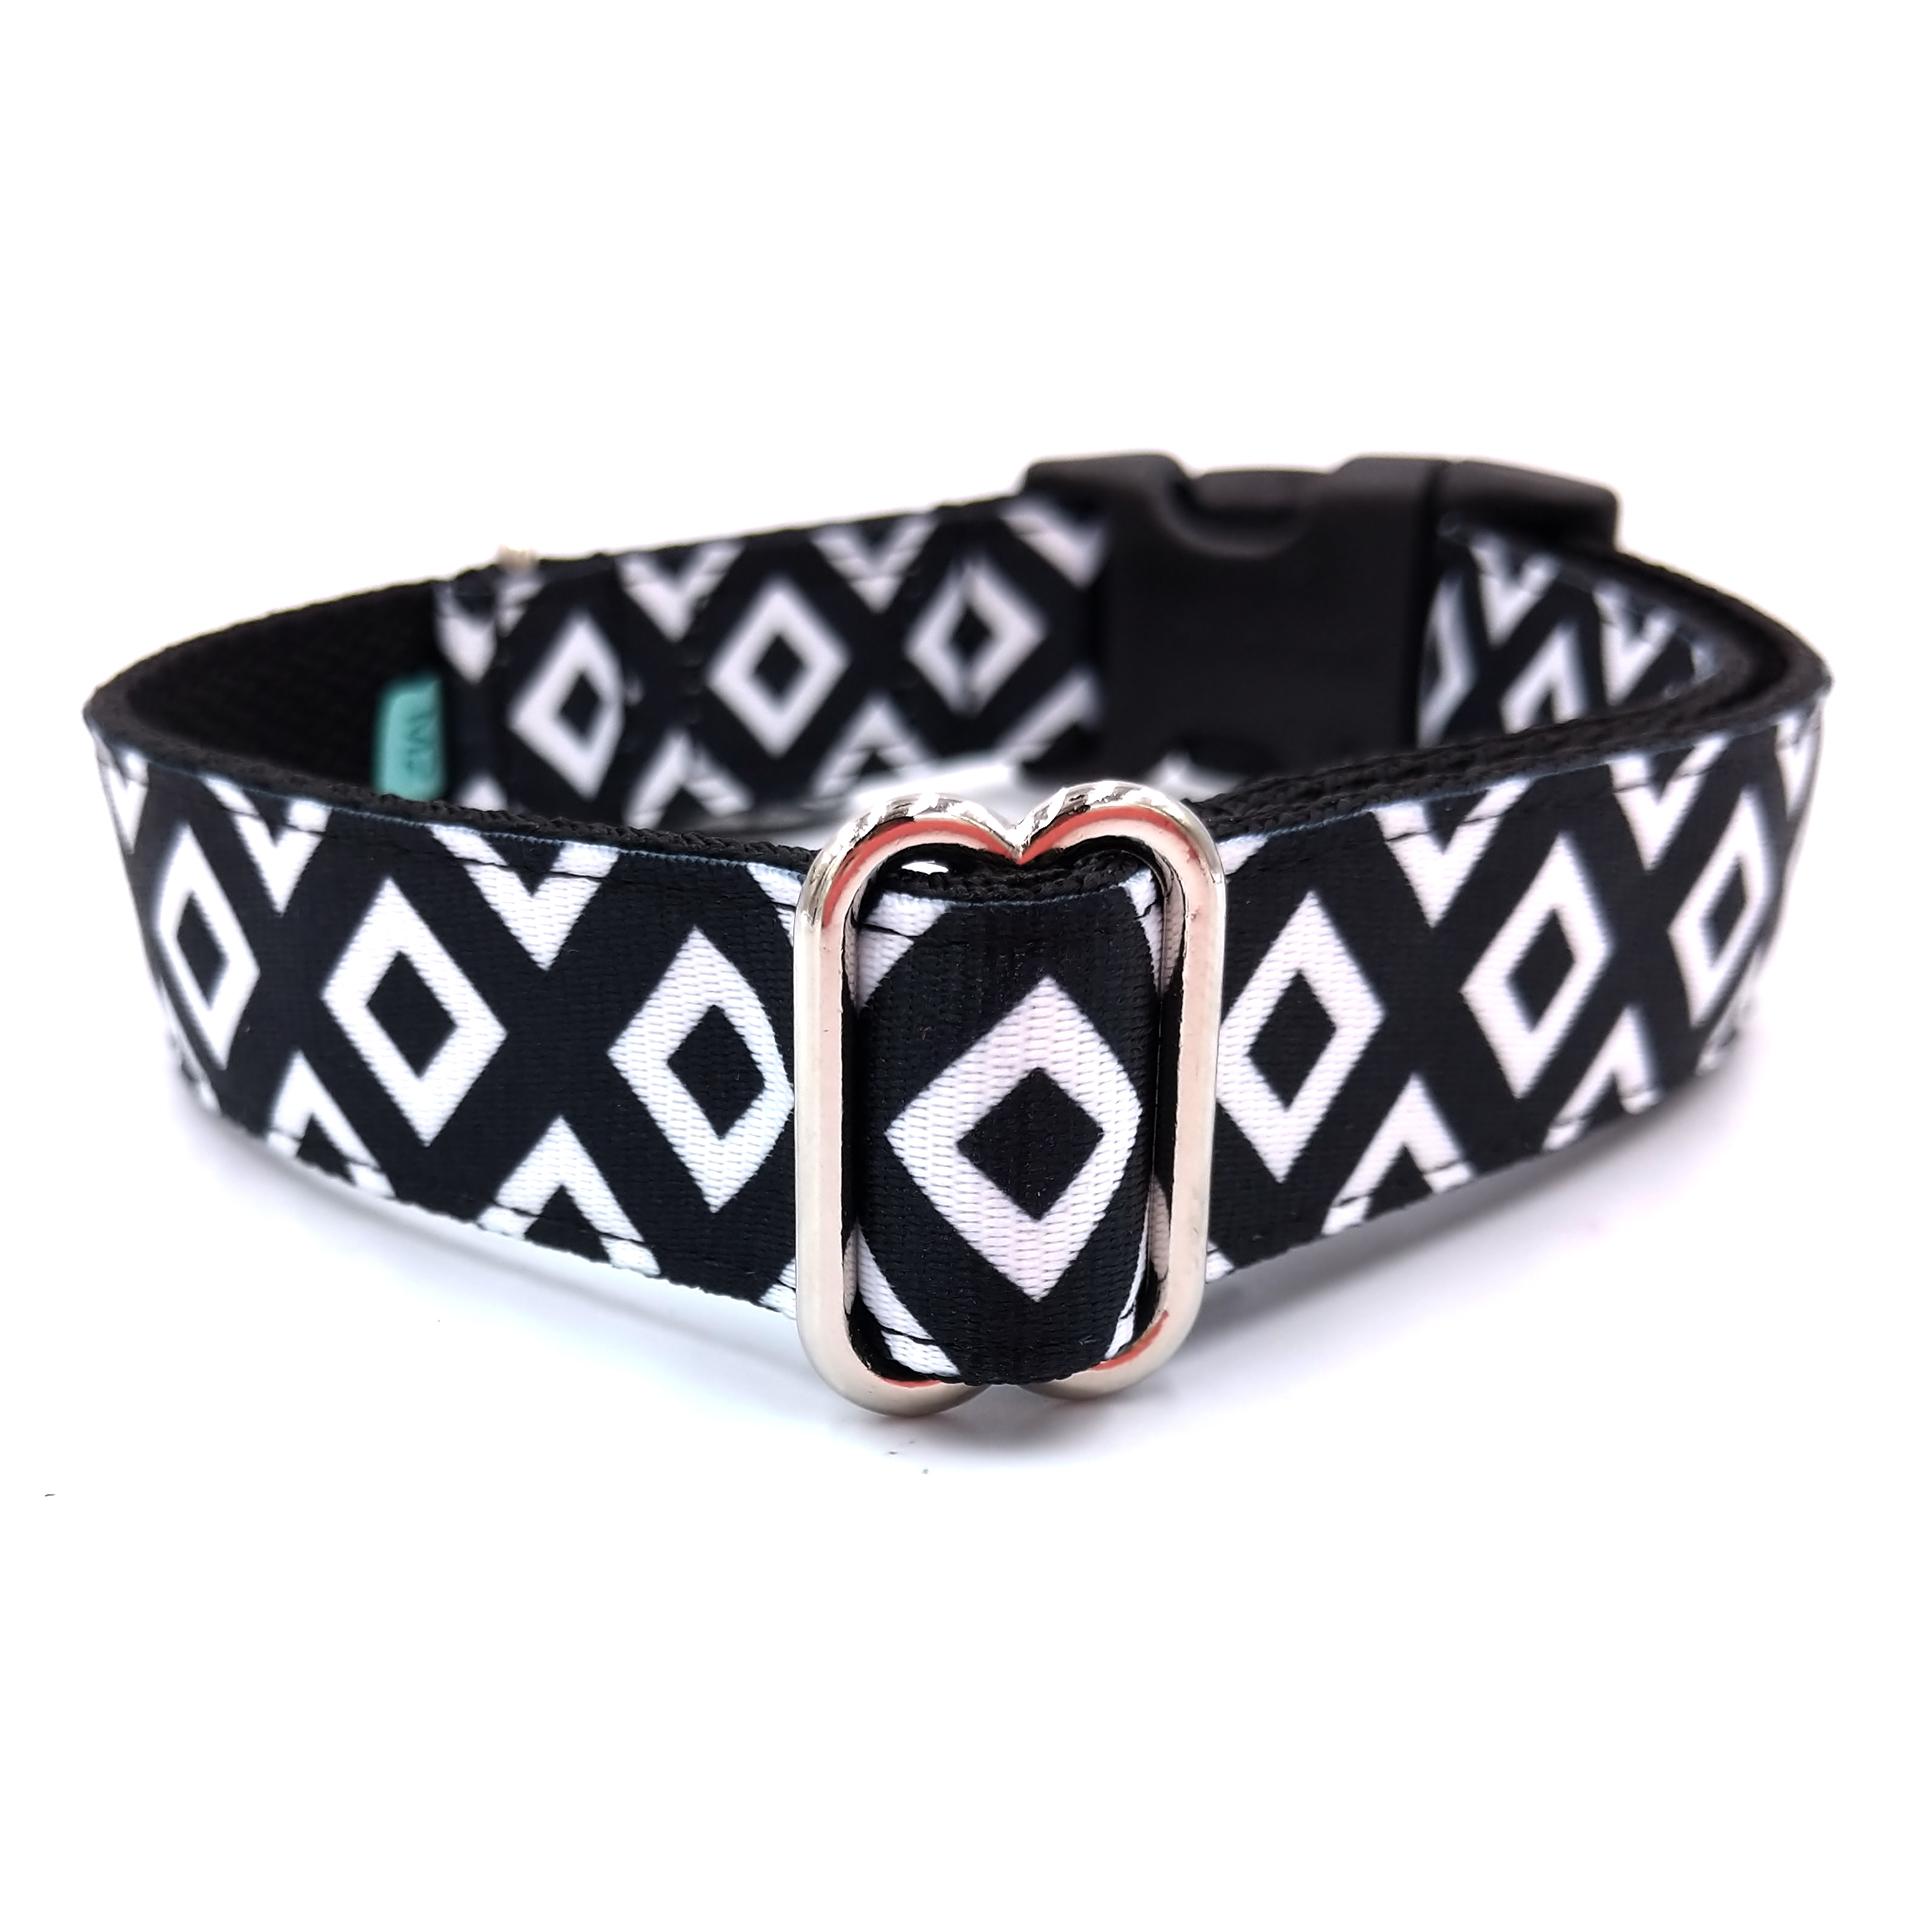 Checked dog collar